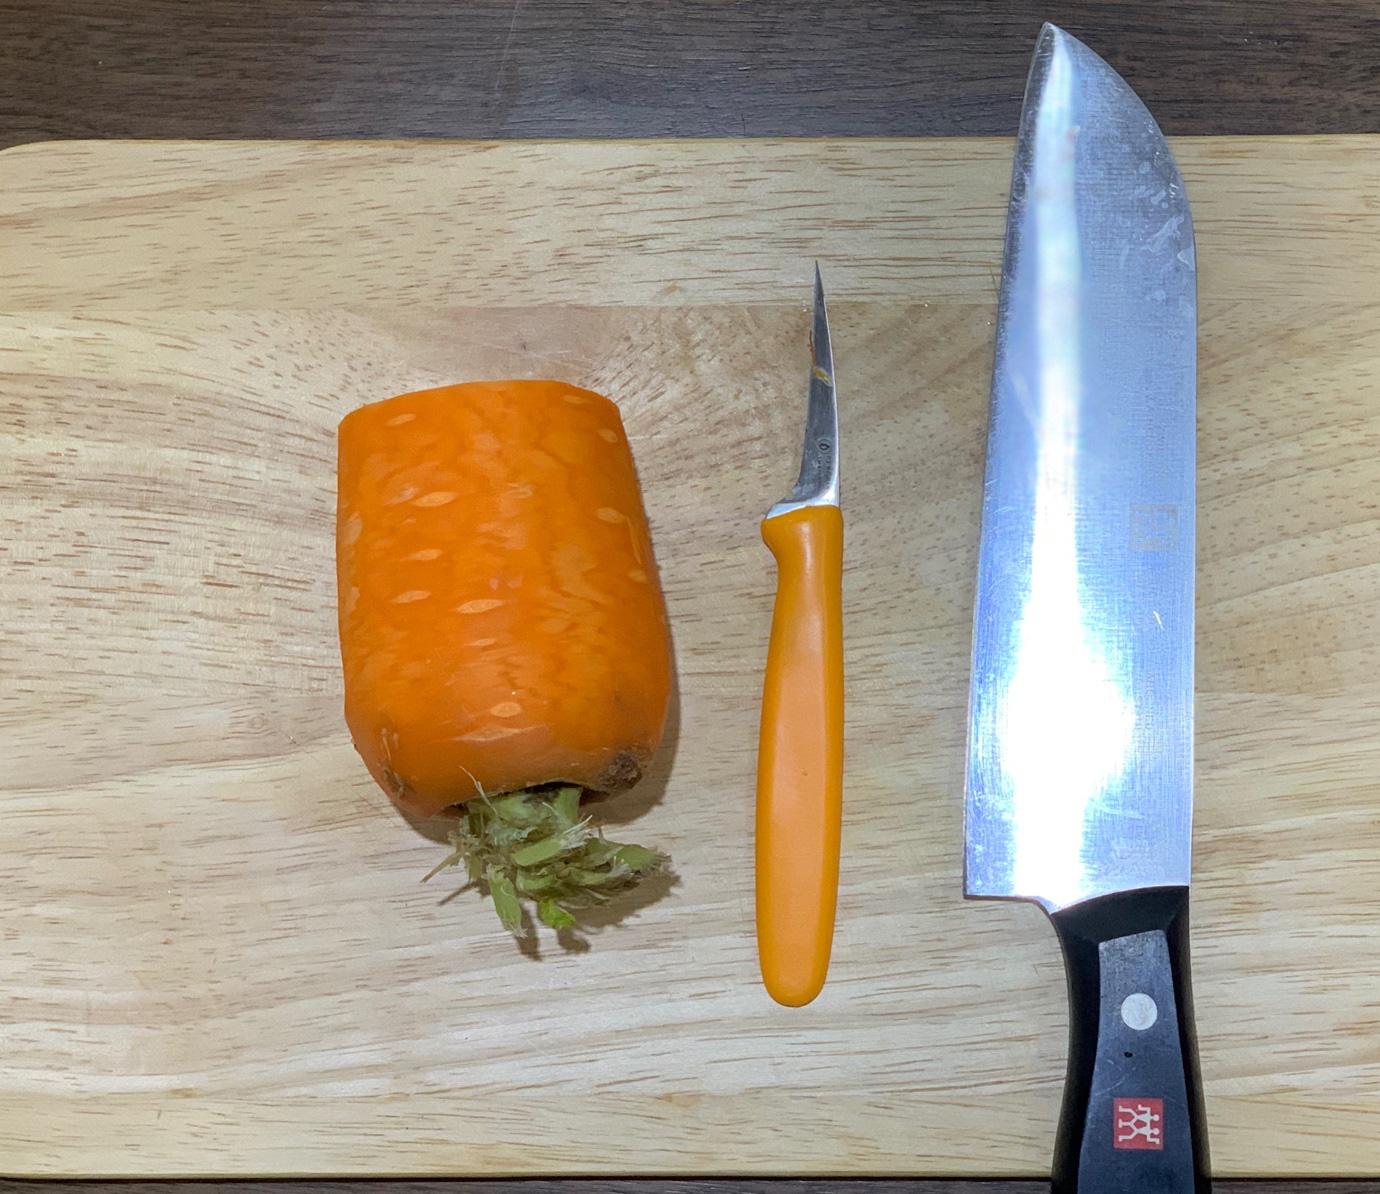 Học ngay cách cắt tỉa cà rốt thành lá phong trang trí đĩa ăn thật đẹp và lãng mạn - Ảnh 2